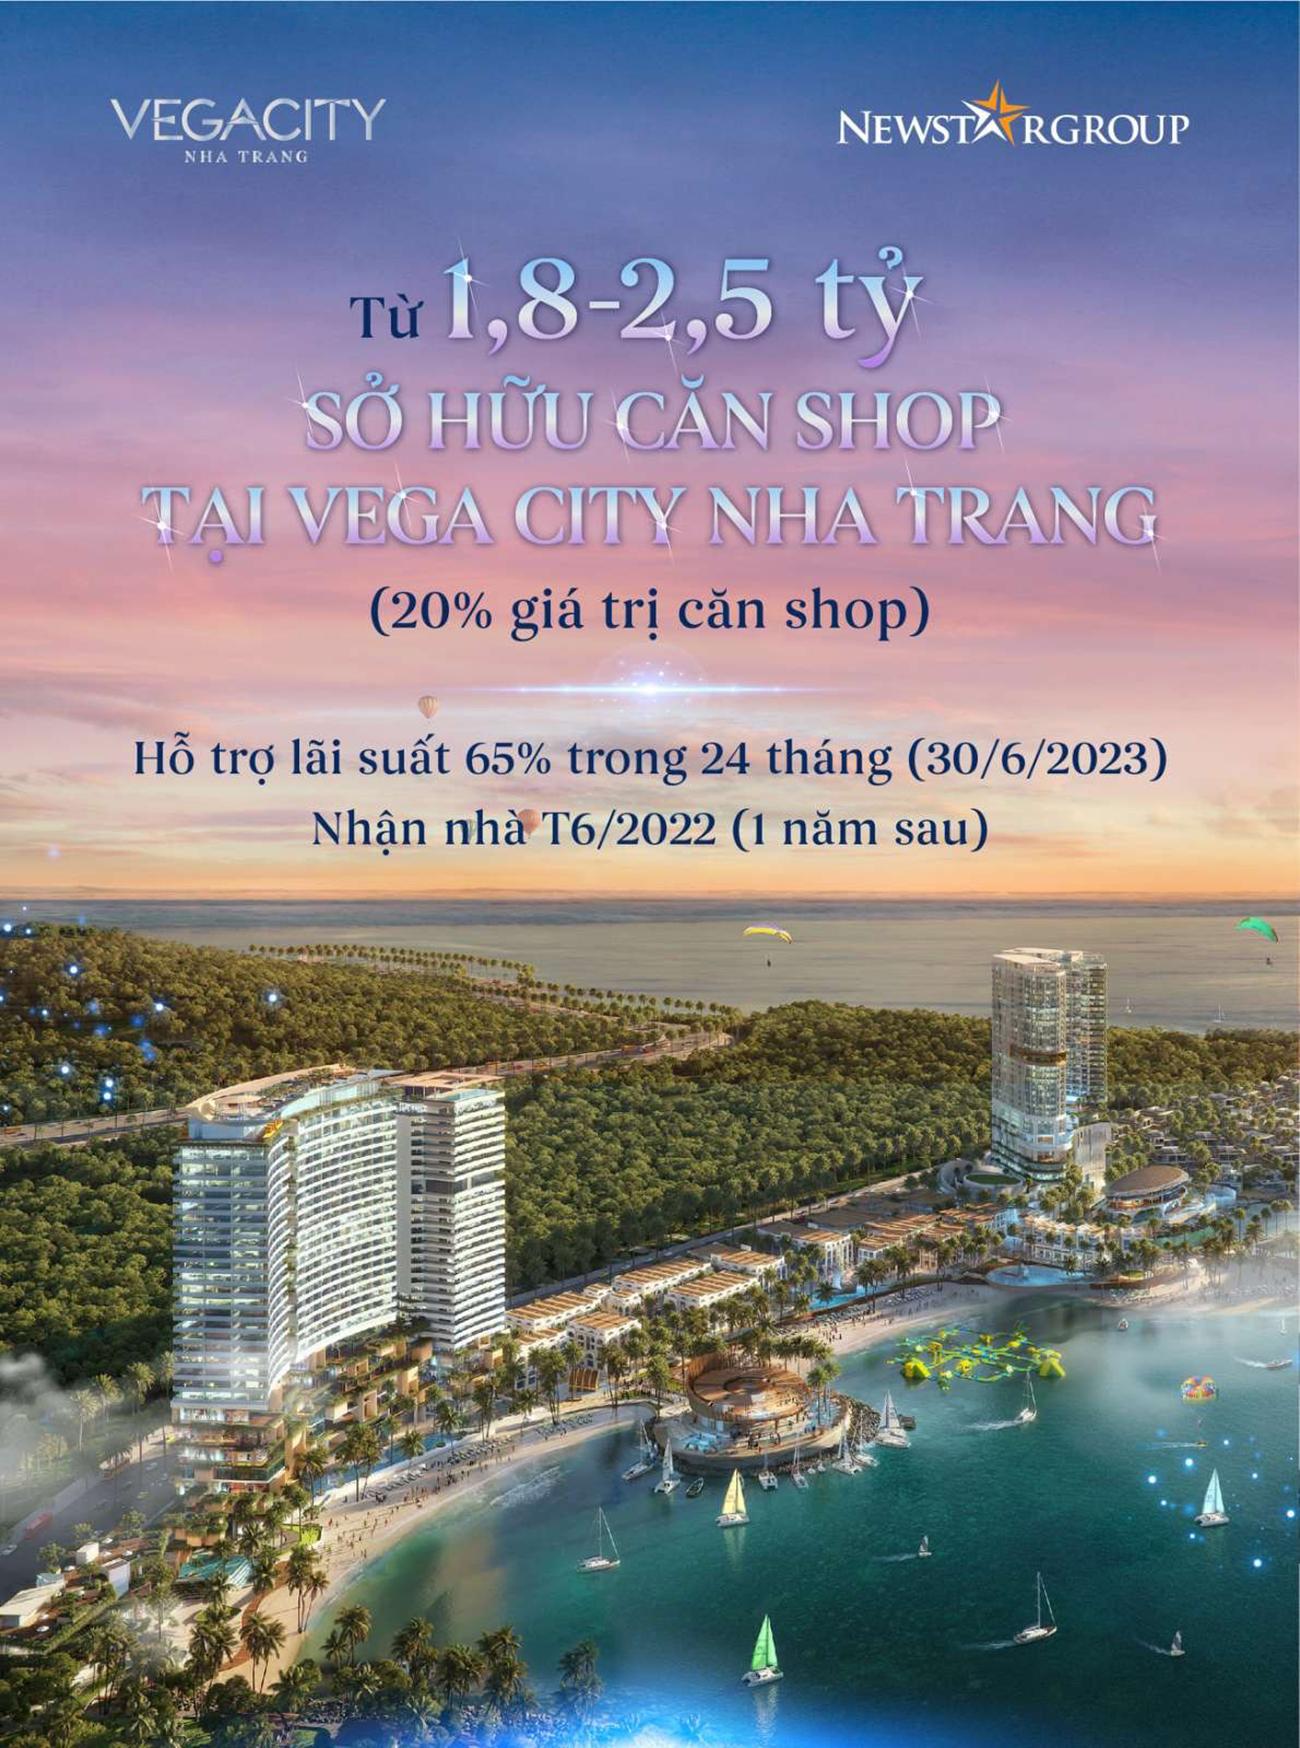 Cập nhật phương thức thanh toán – Giá bán Vega City Nha Trang giai đoạn 1